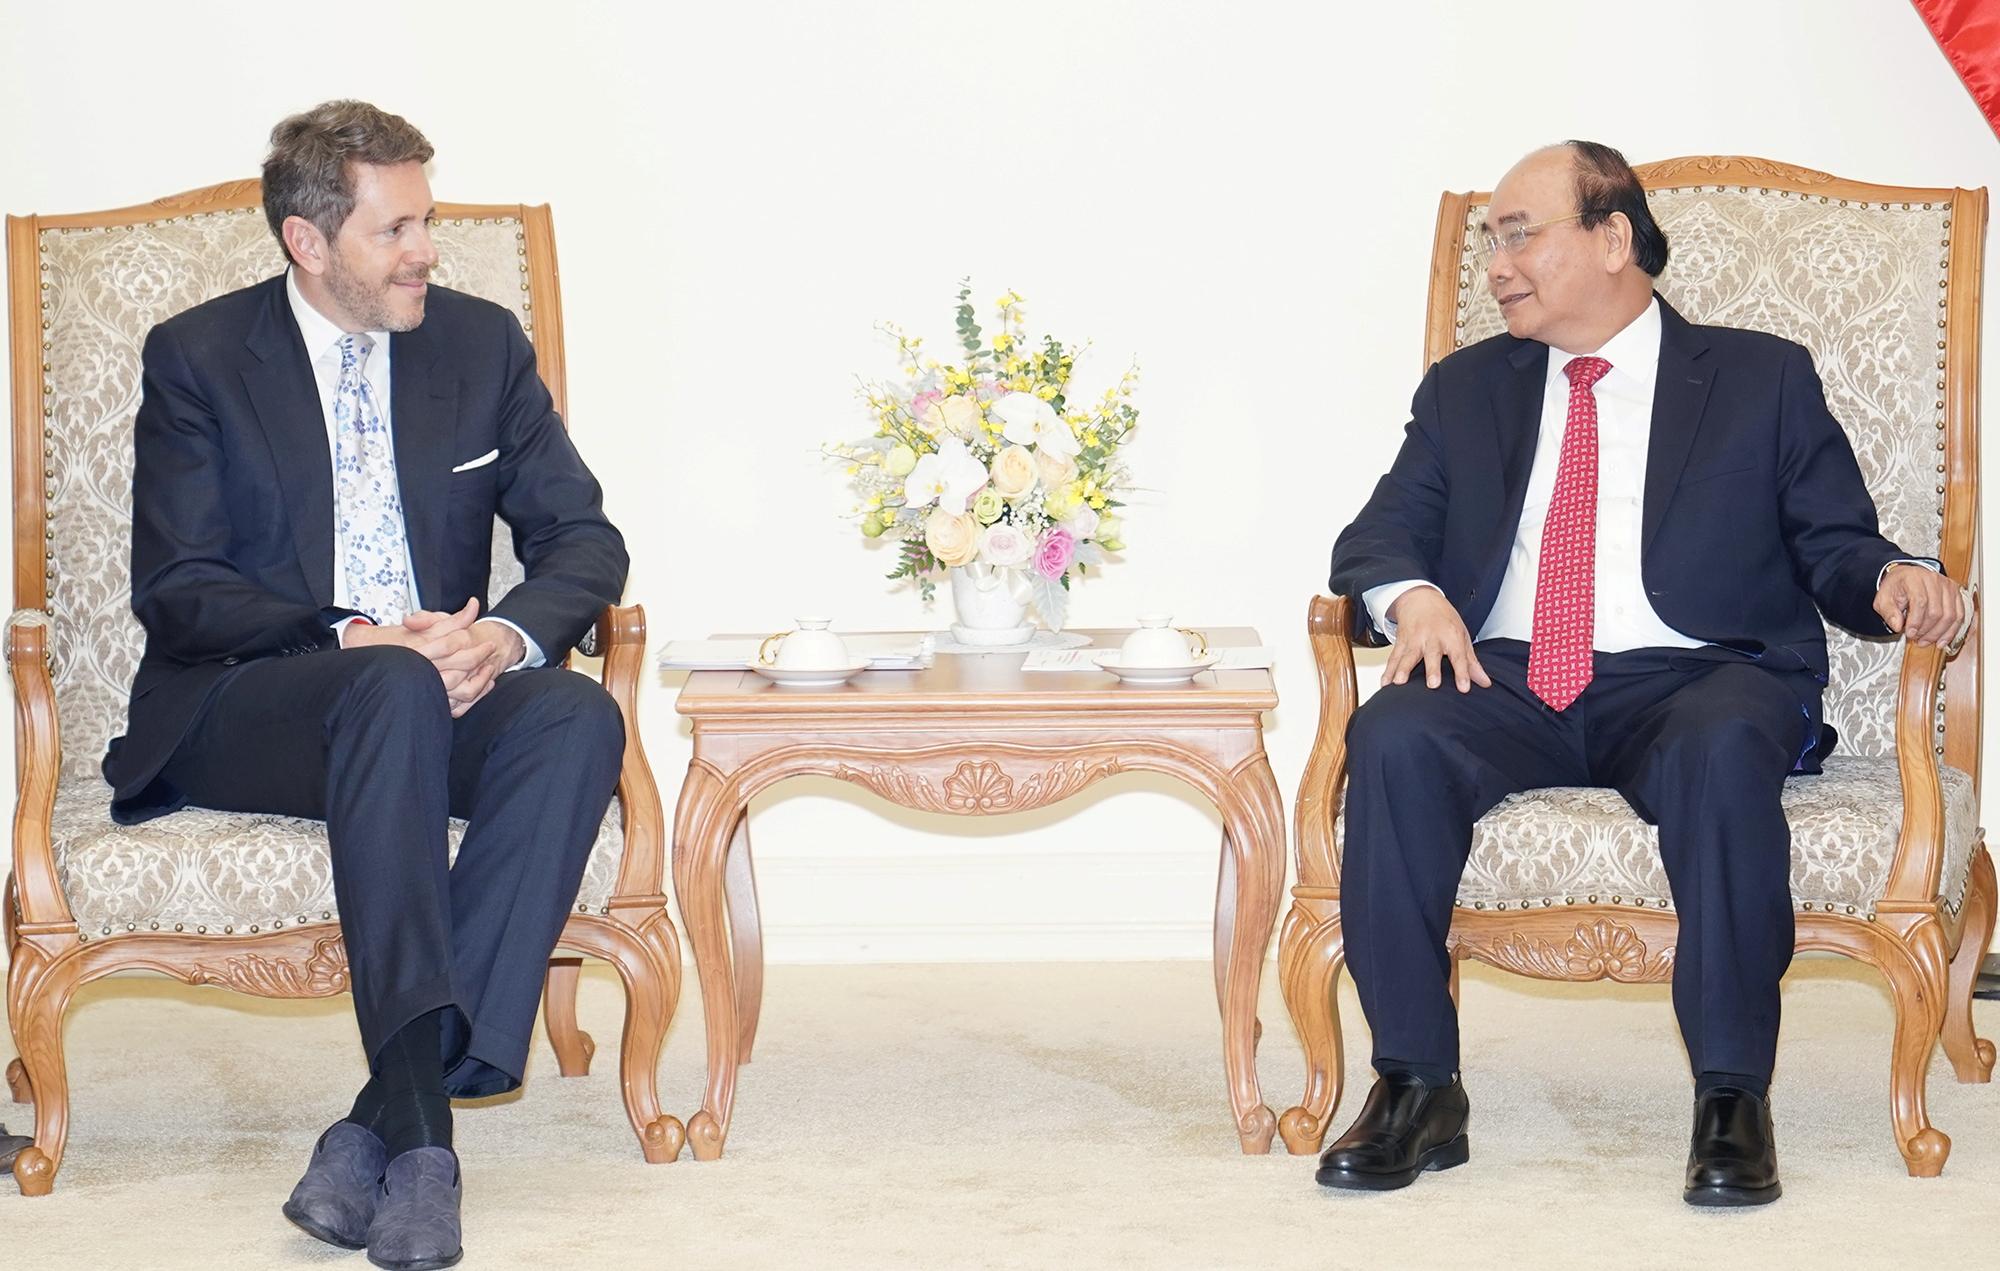 Áo là đối tác quan trọng, tin cậy của Việt Nam